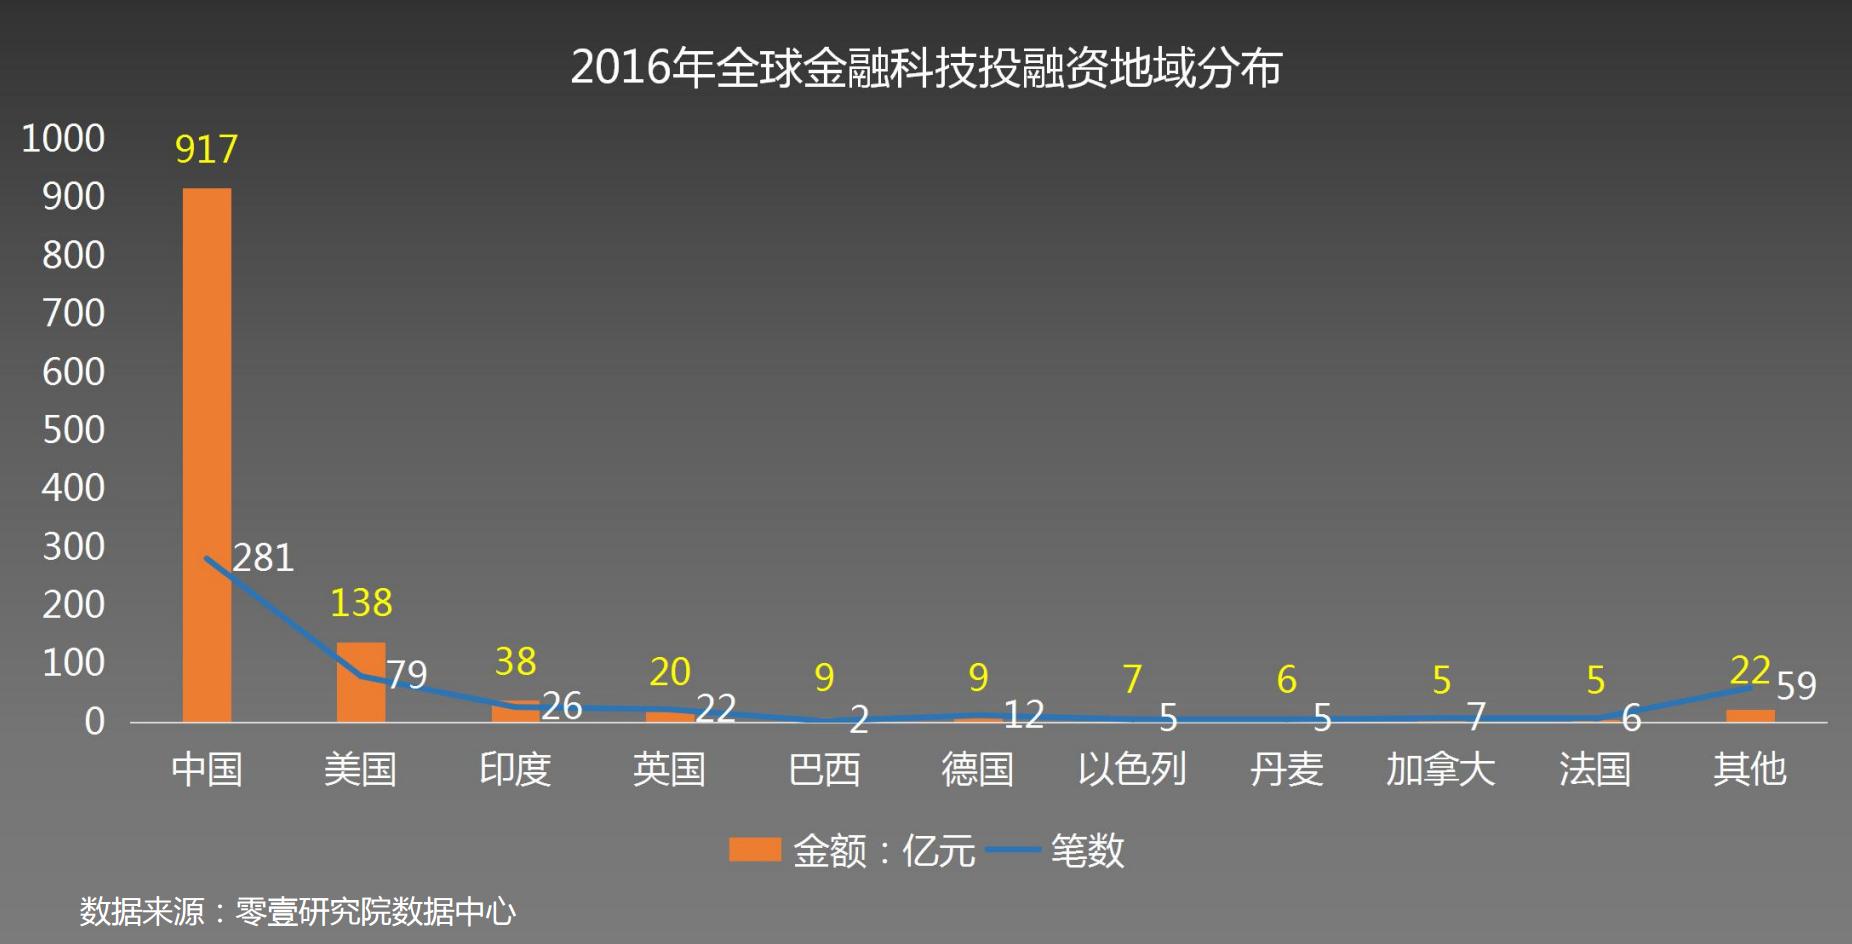 2016年全球金融科技发展指数报告